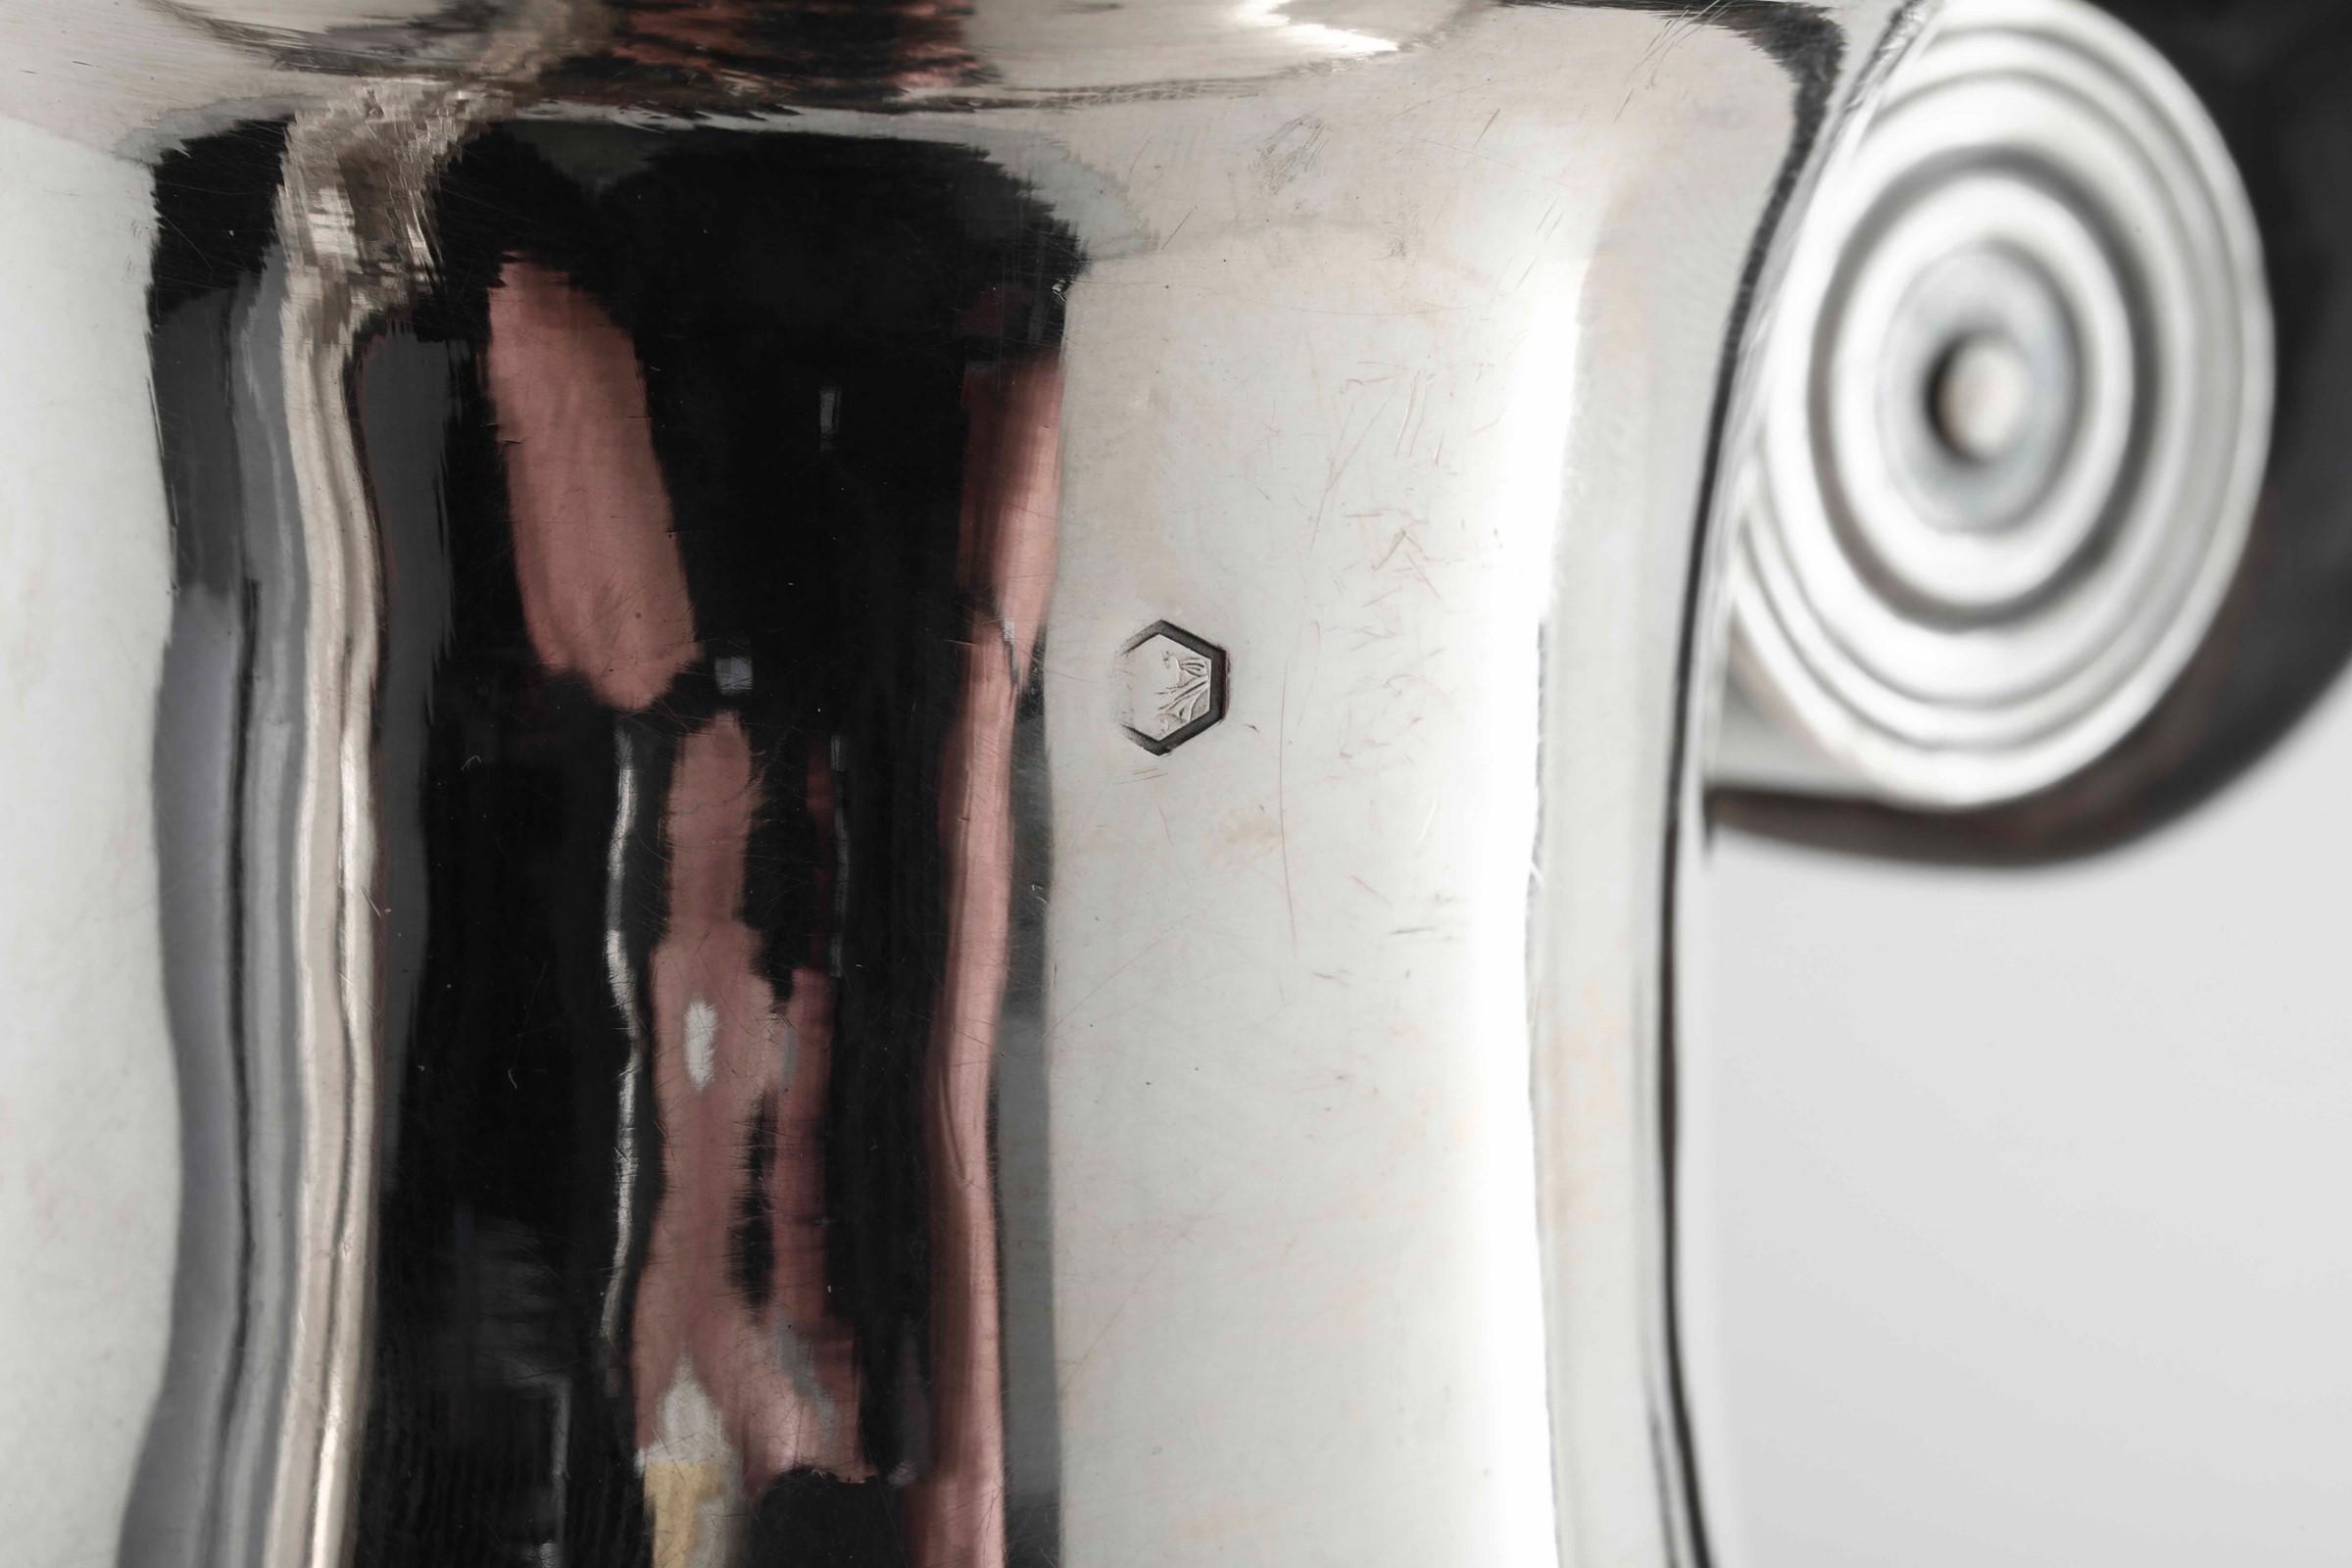 Caffettiera in argento primo titolo fuso, sbalzato e cesellato. Francia marchi di [...] - Image 4 of 5